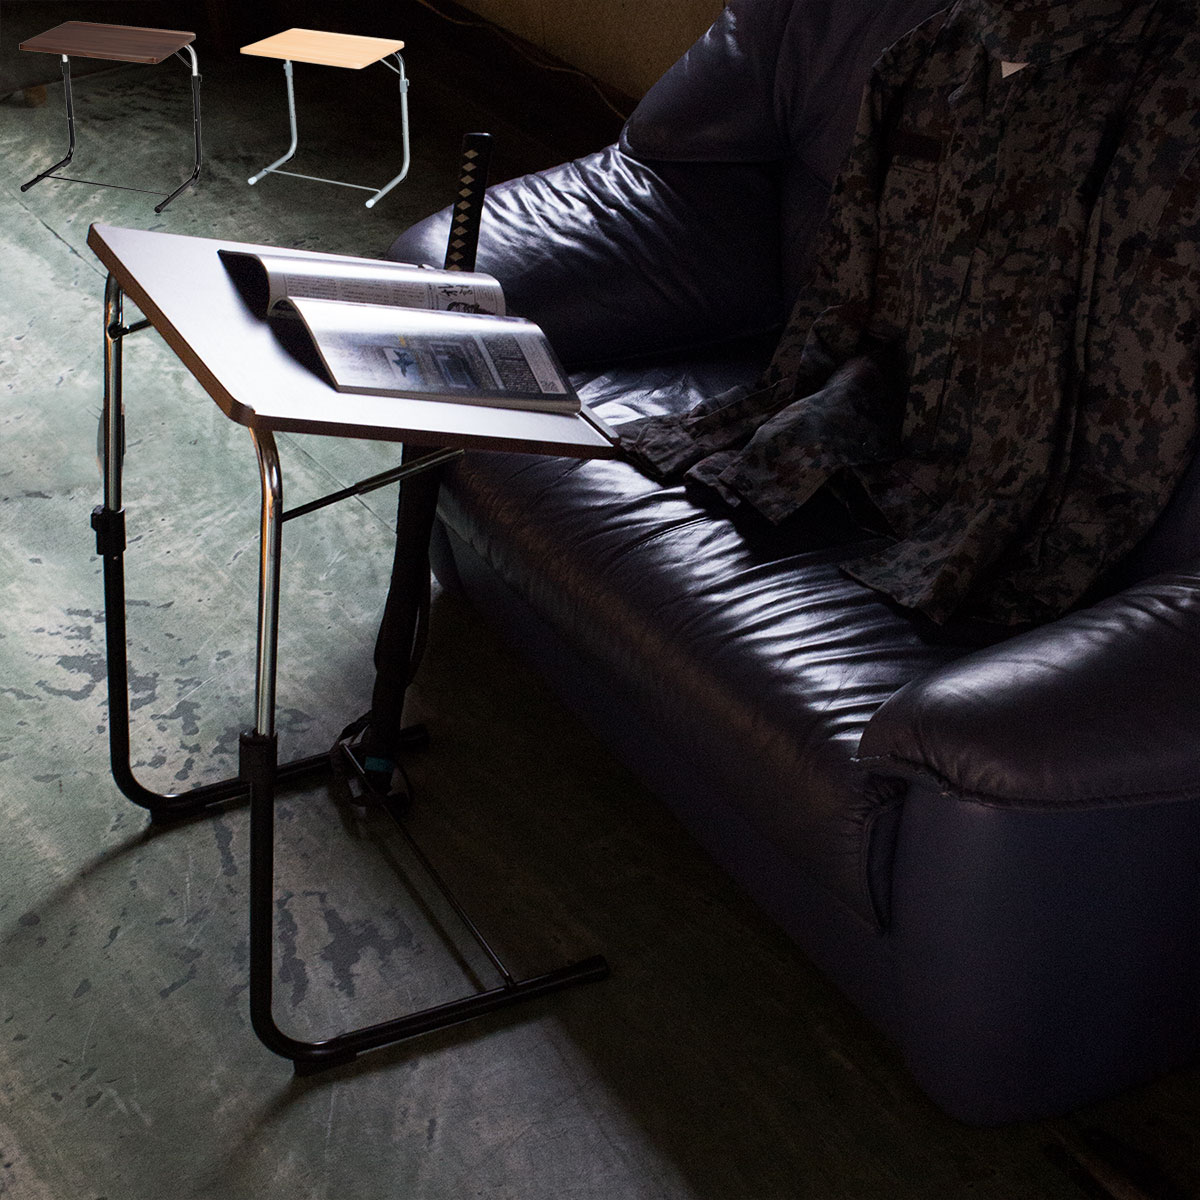 ソファに座ってノートパソコン作業や読書に最適天板が斜めになるフォールディングテーブル ノートパソコン テーブル FLS-1 ノートPC ソファ ベッド サイドテーブル 折りたたみ式 高さ調節 昇降式 木製 幅約50cm 簡易テーブル